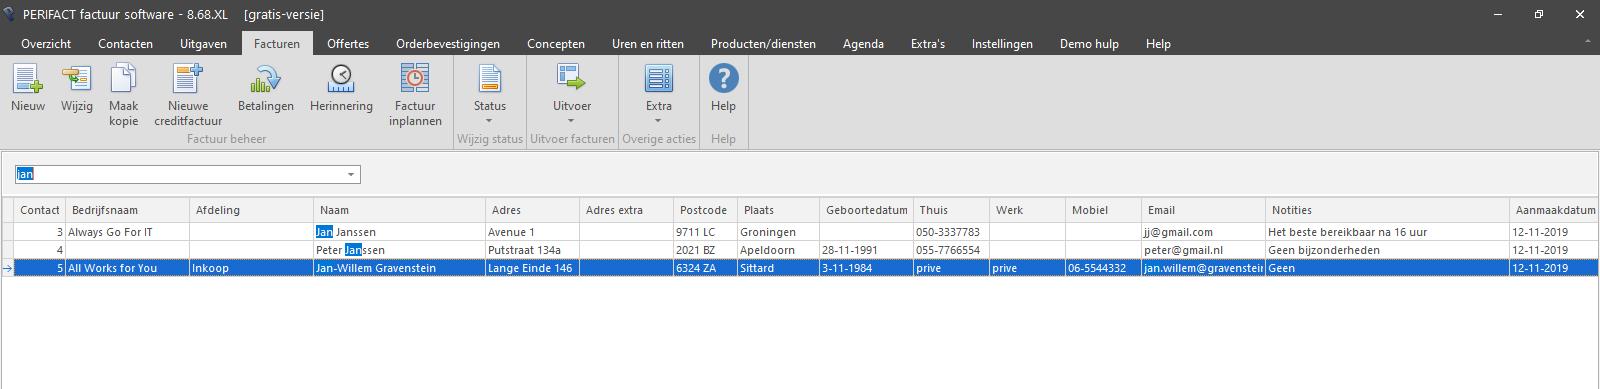 PERIFACT factuurprogramma, filter en zoeken